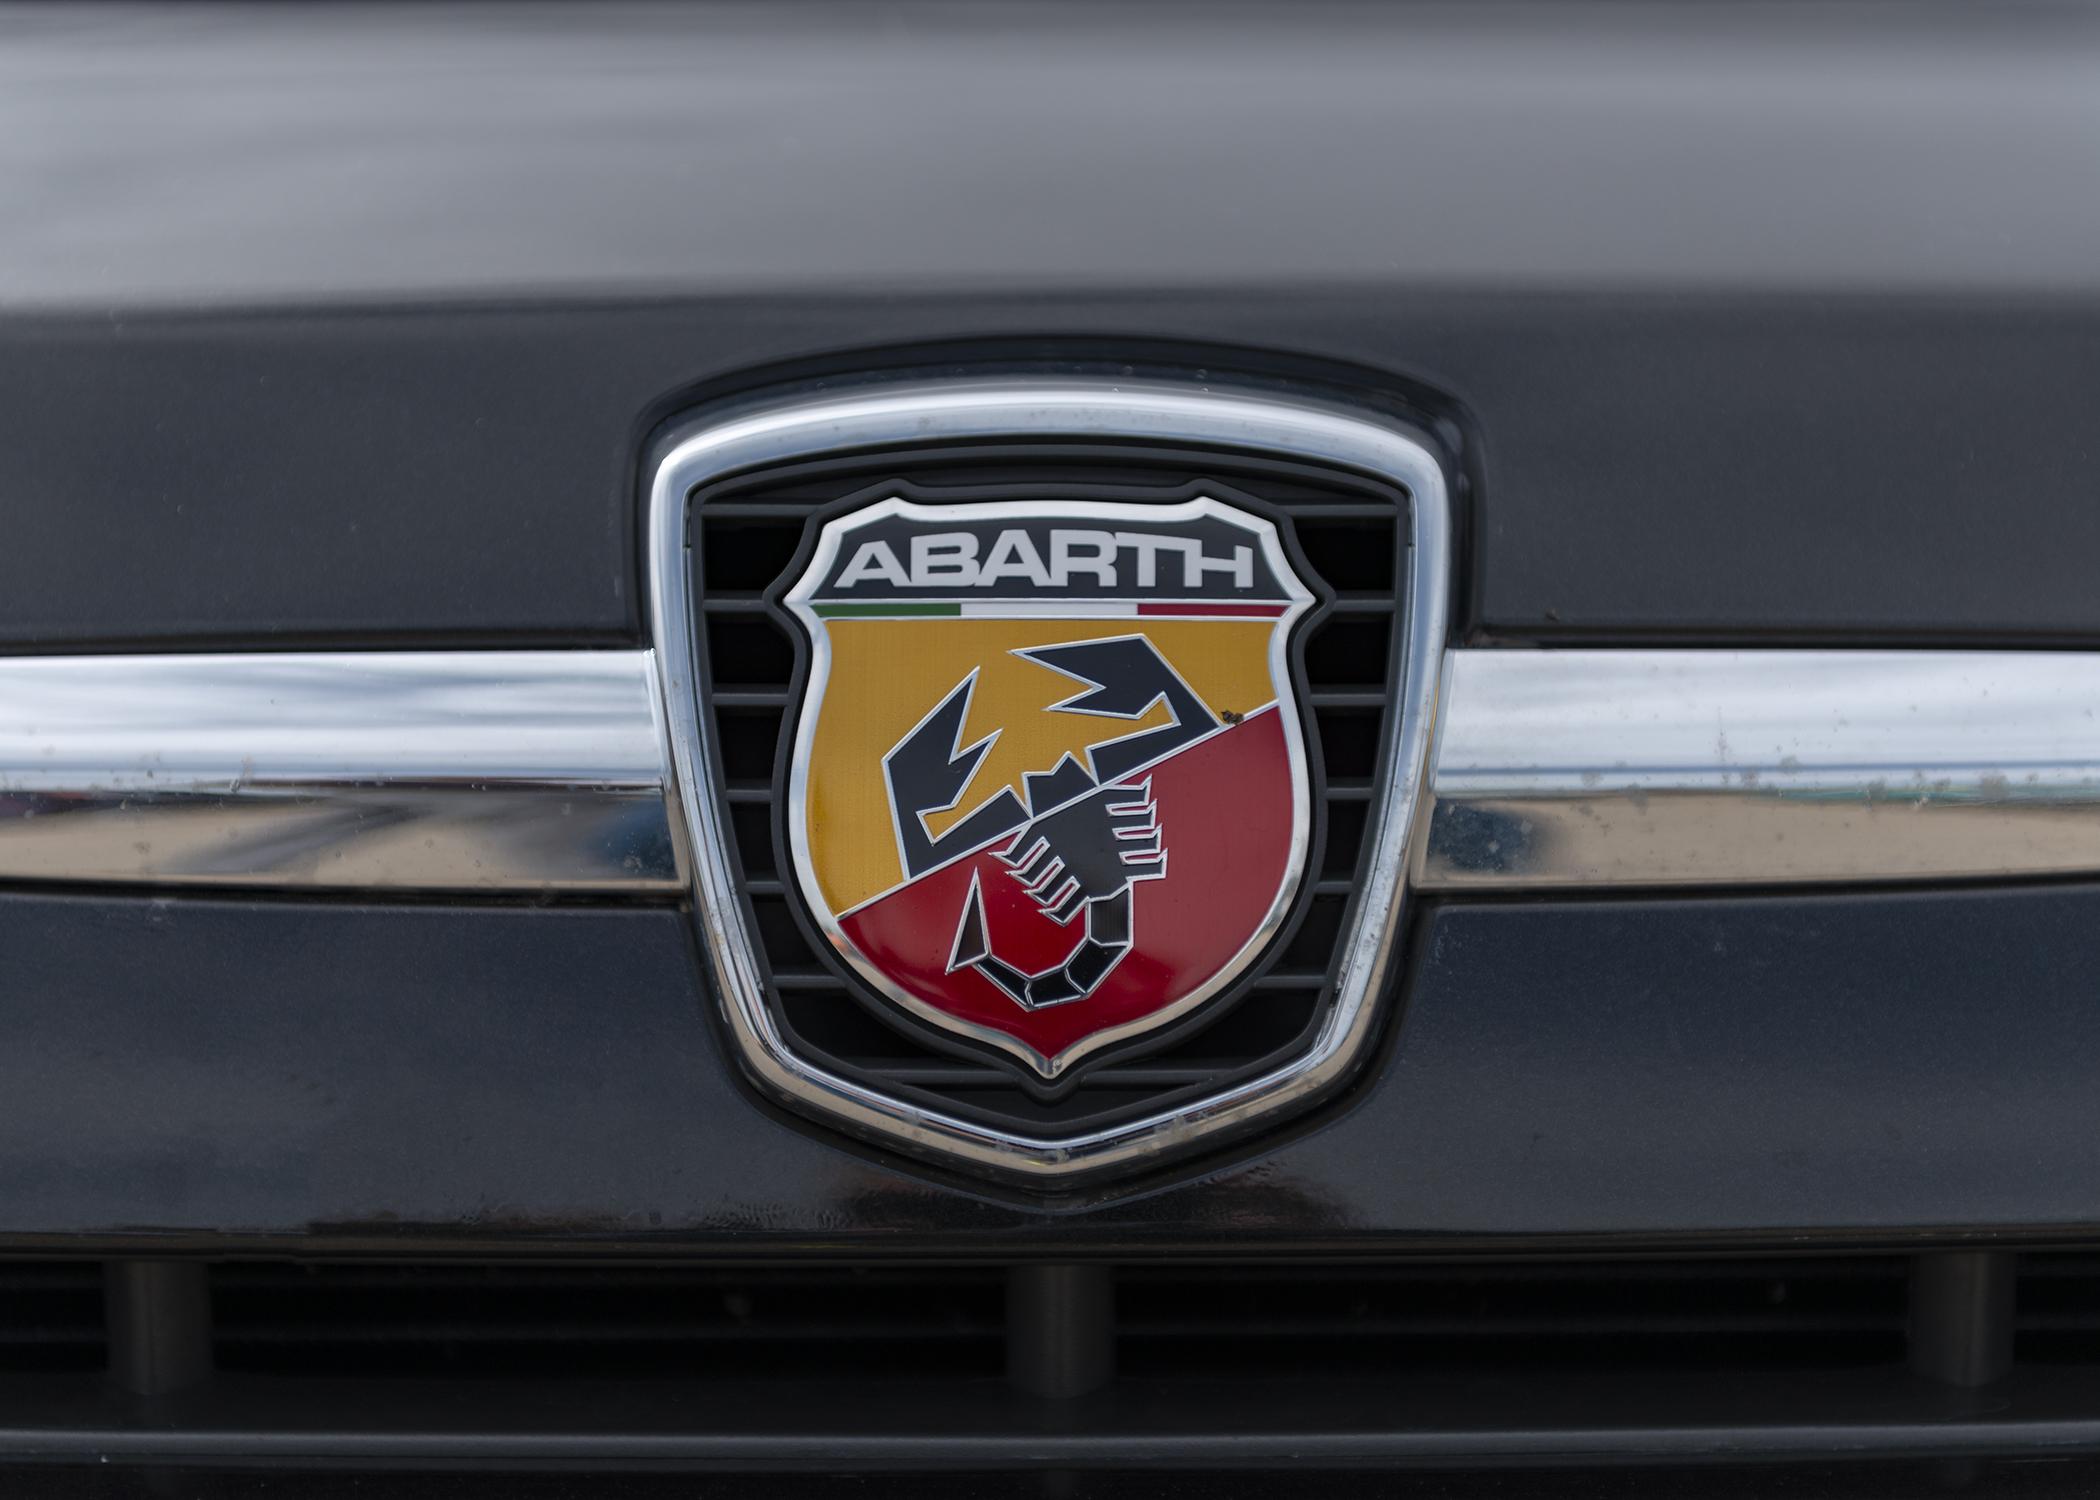 Abarth's exquisite Scorpion Badge.